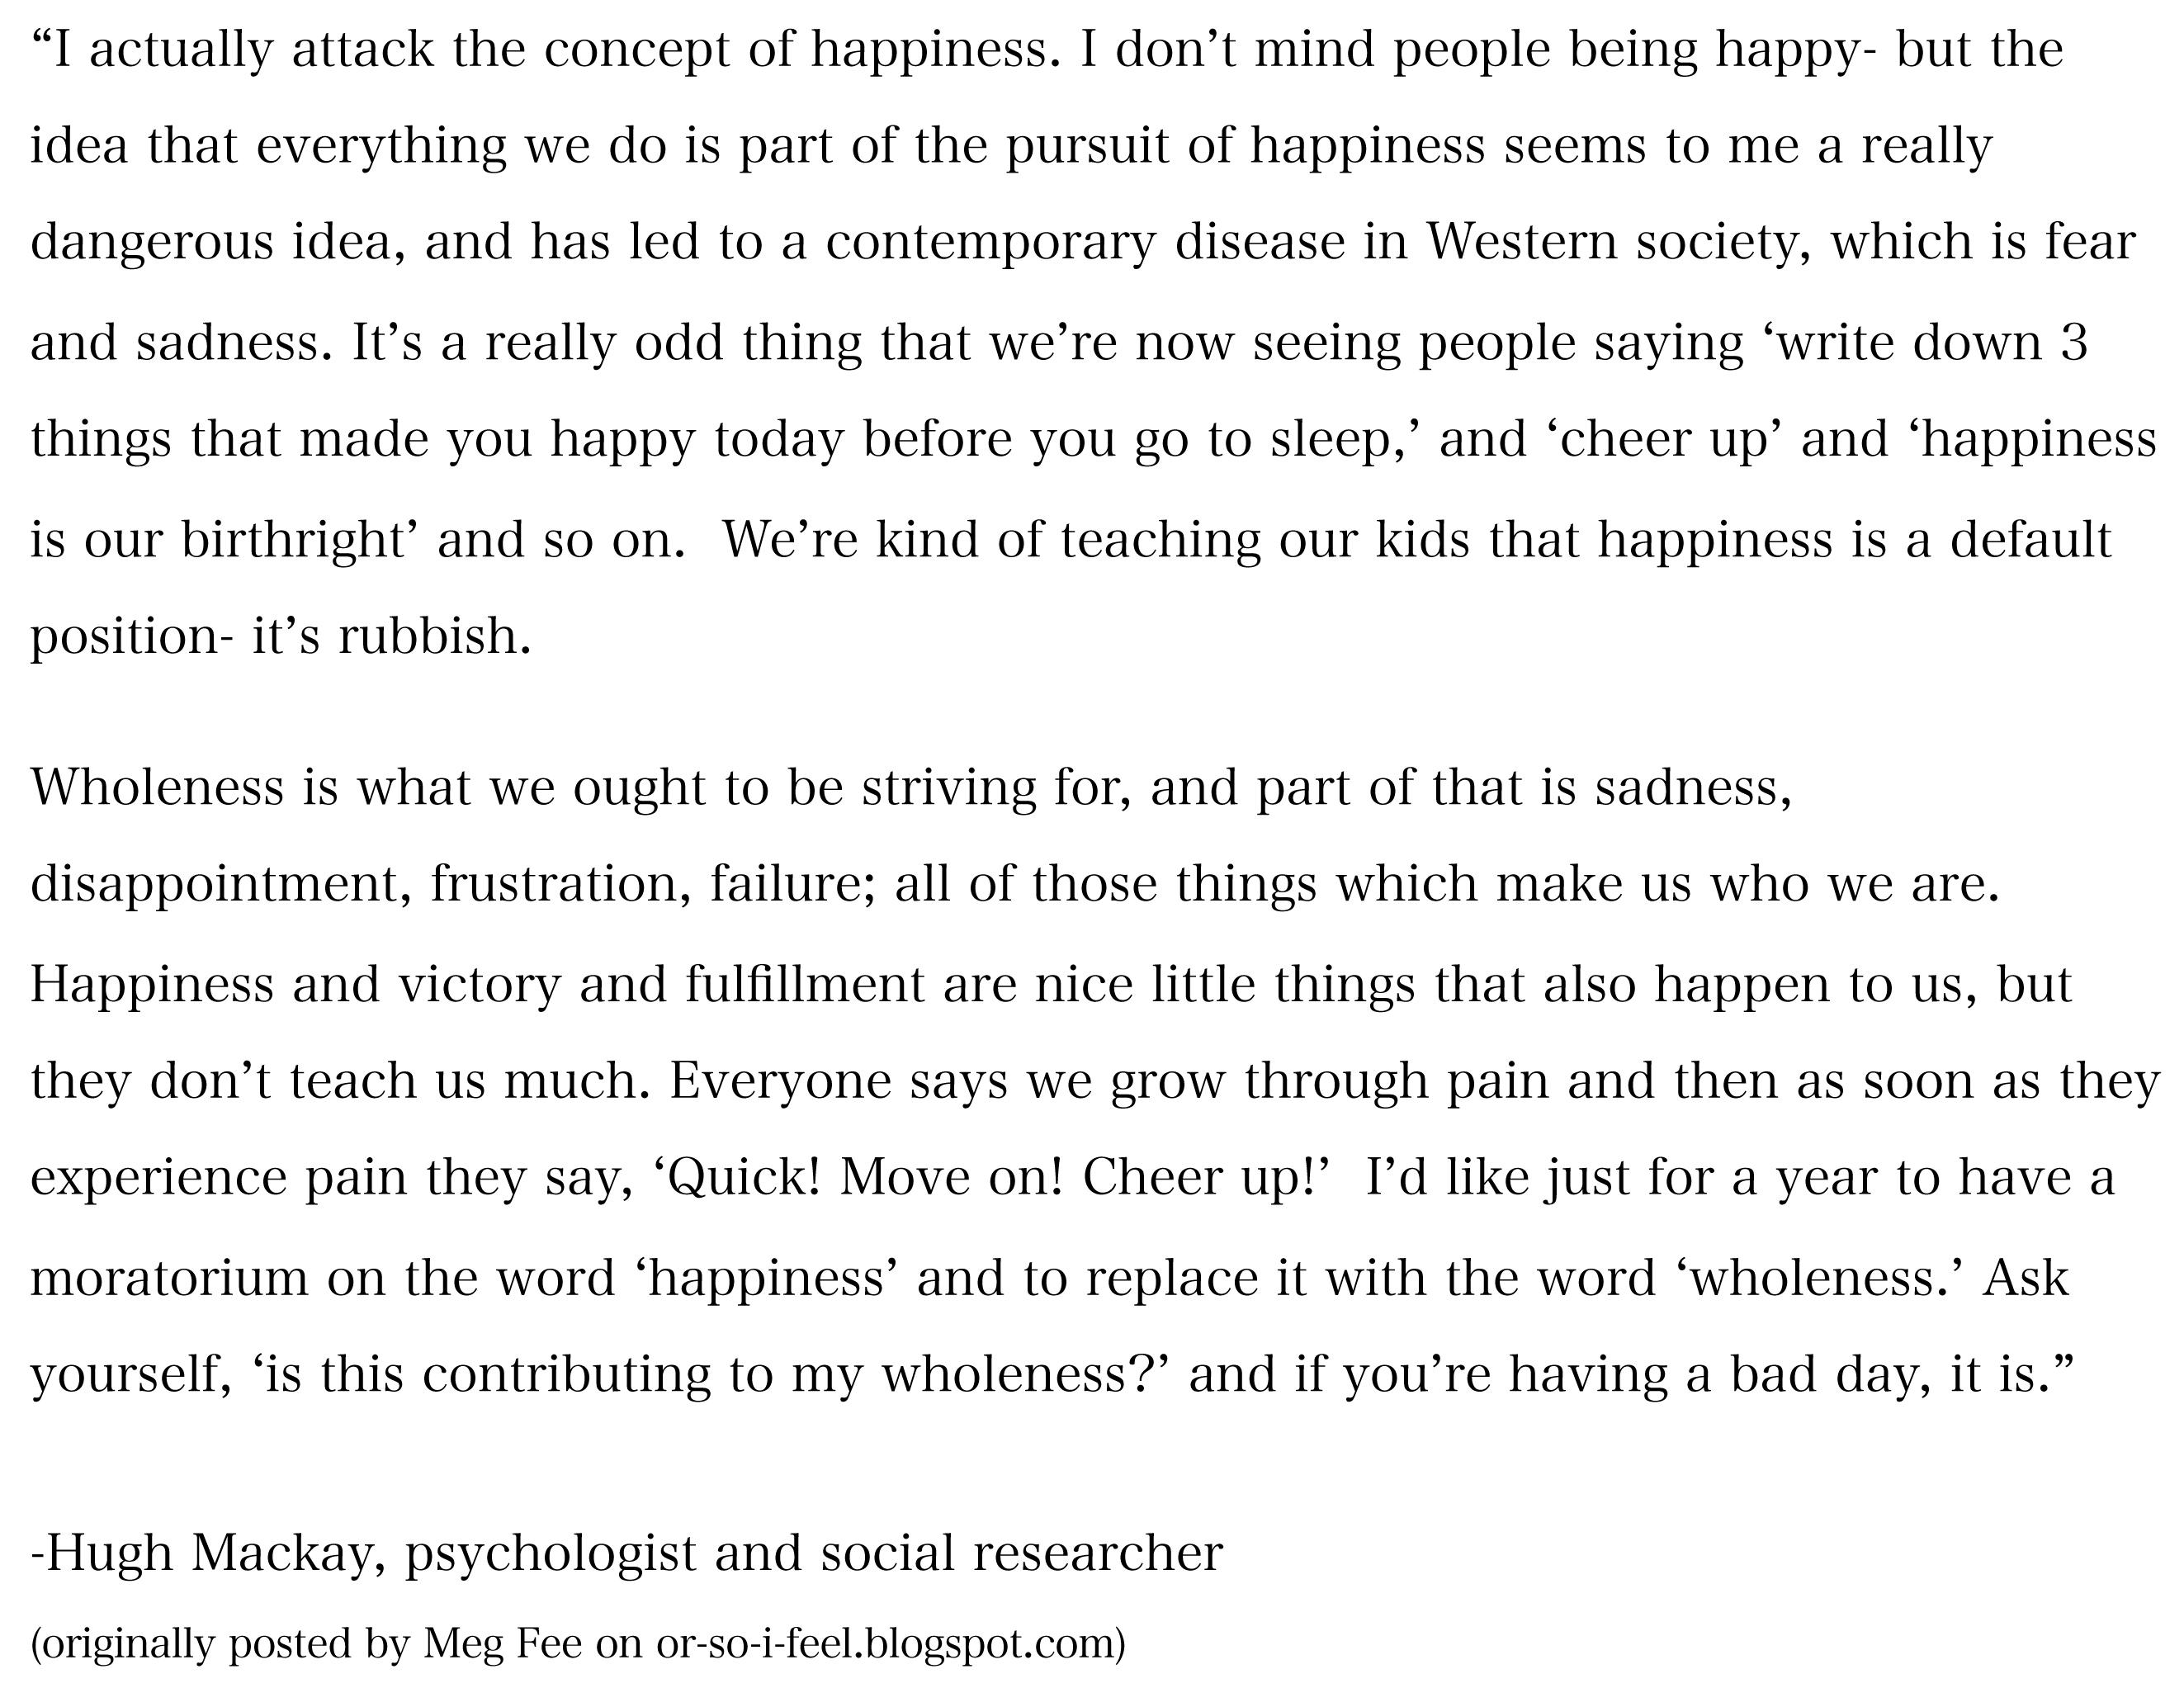 Hugh Mackay Quotes Hugh Mackay Quotes